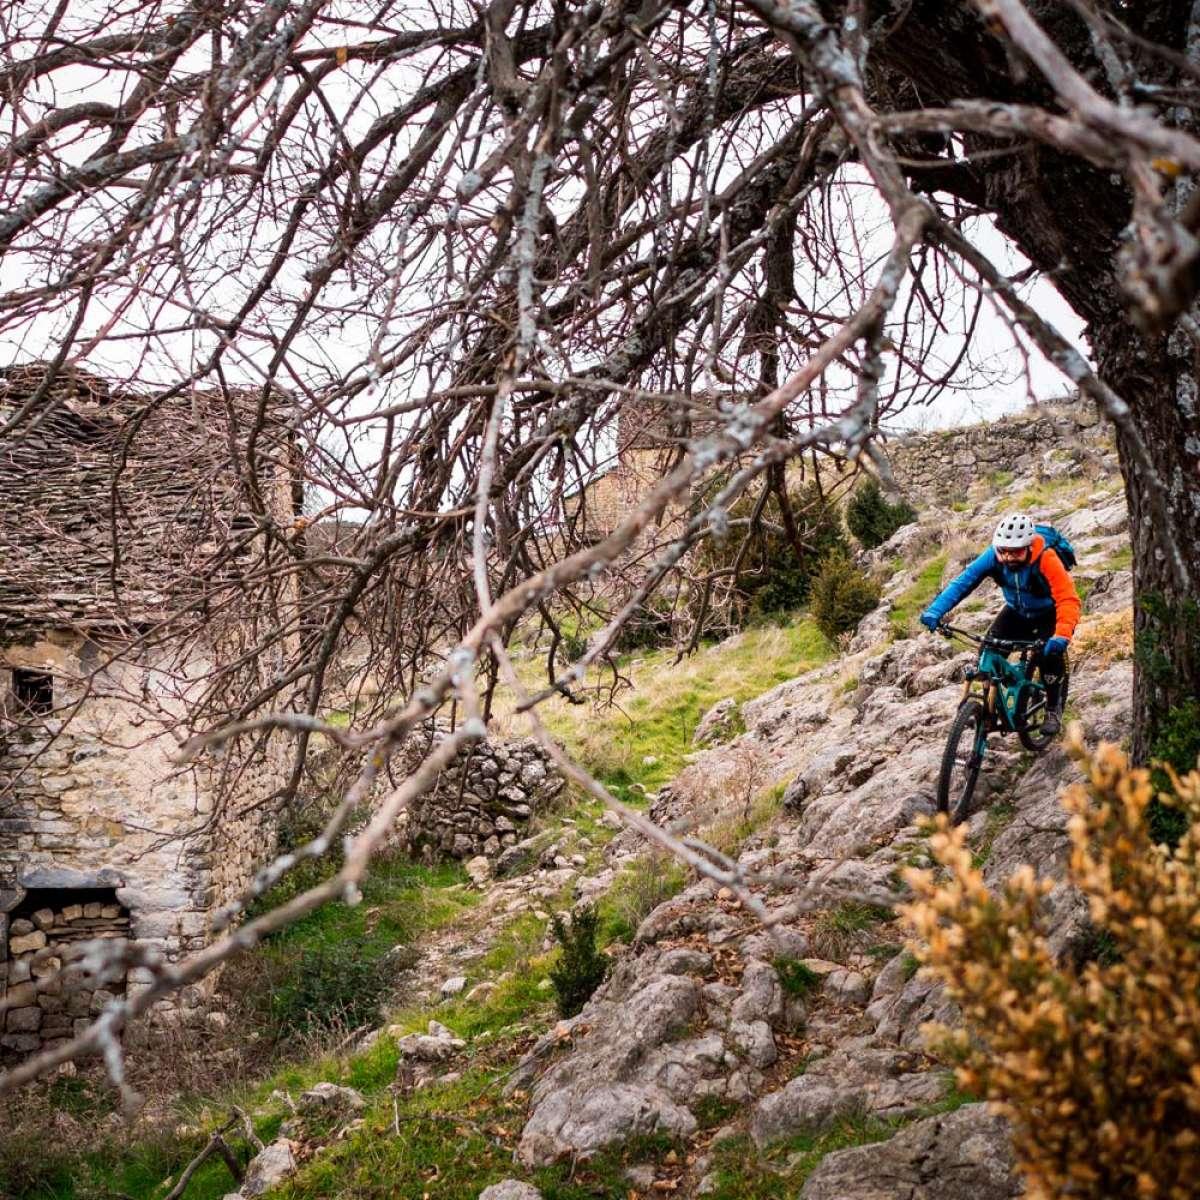 Nace el Club Ciclista Zona Zero, máxima promoción del ciclismo en la comarca del Sobrarbe